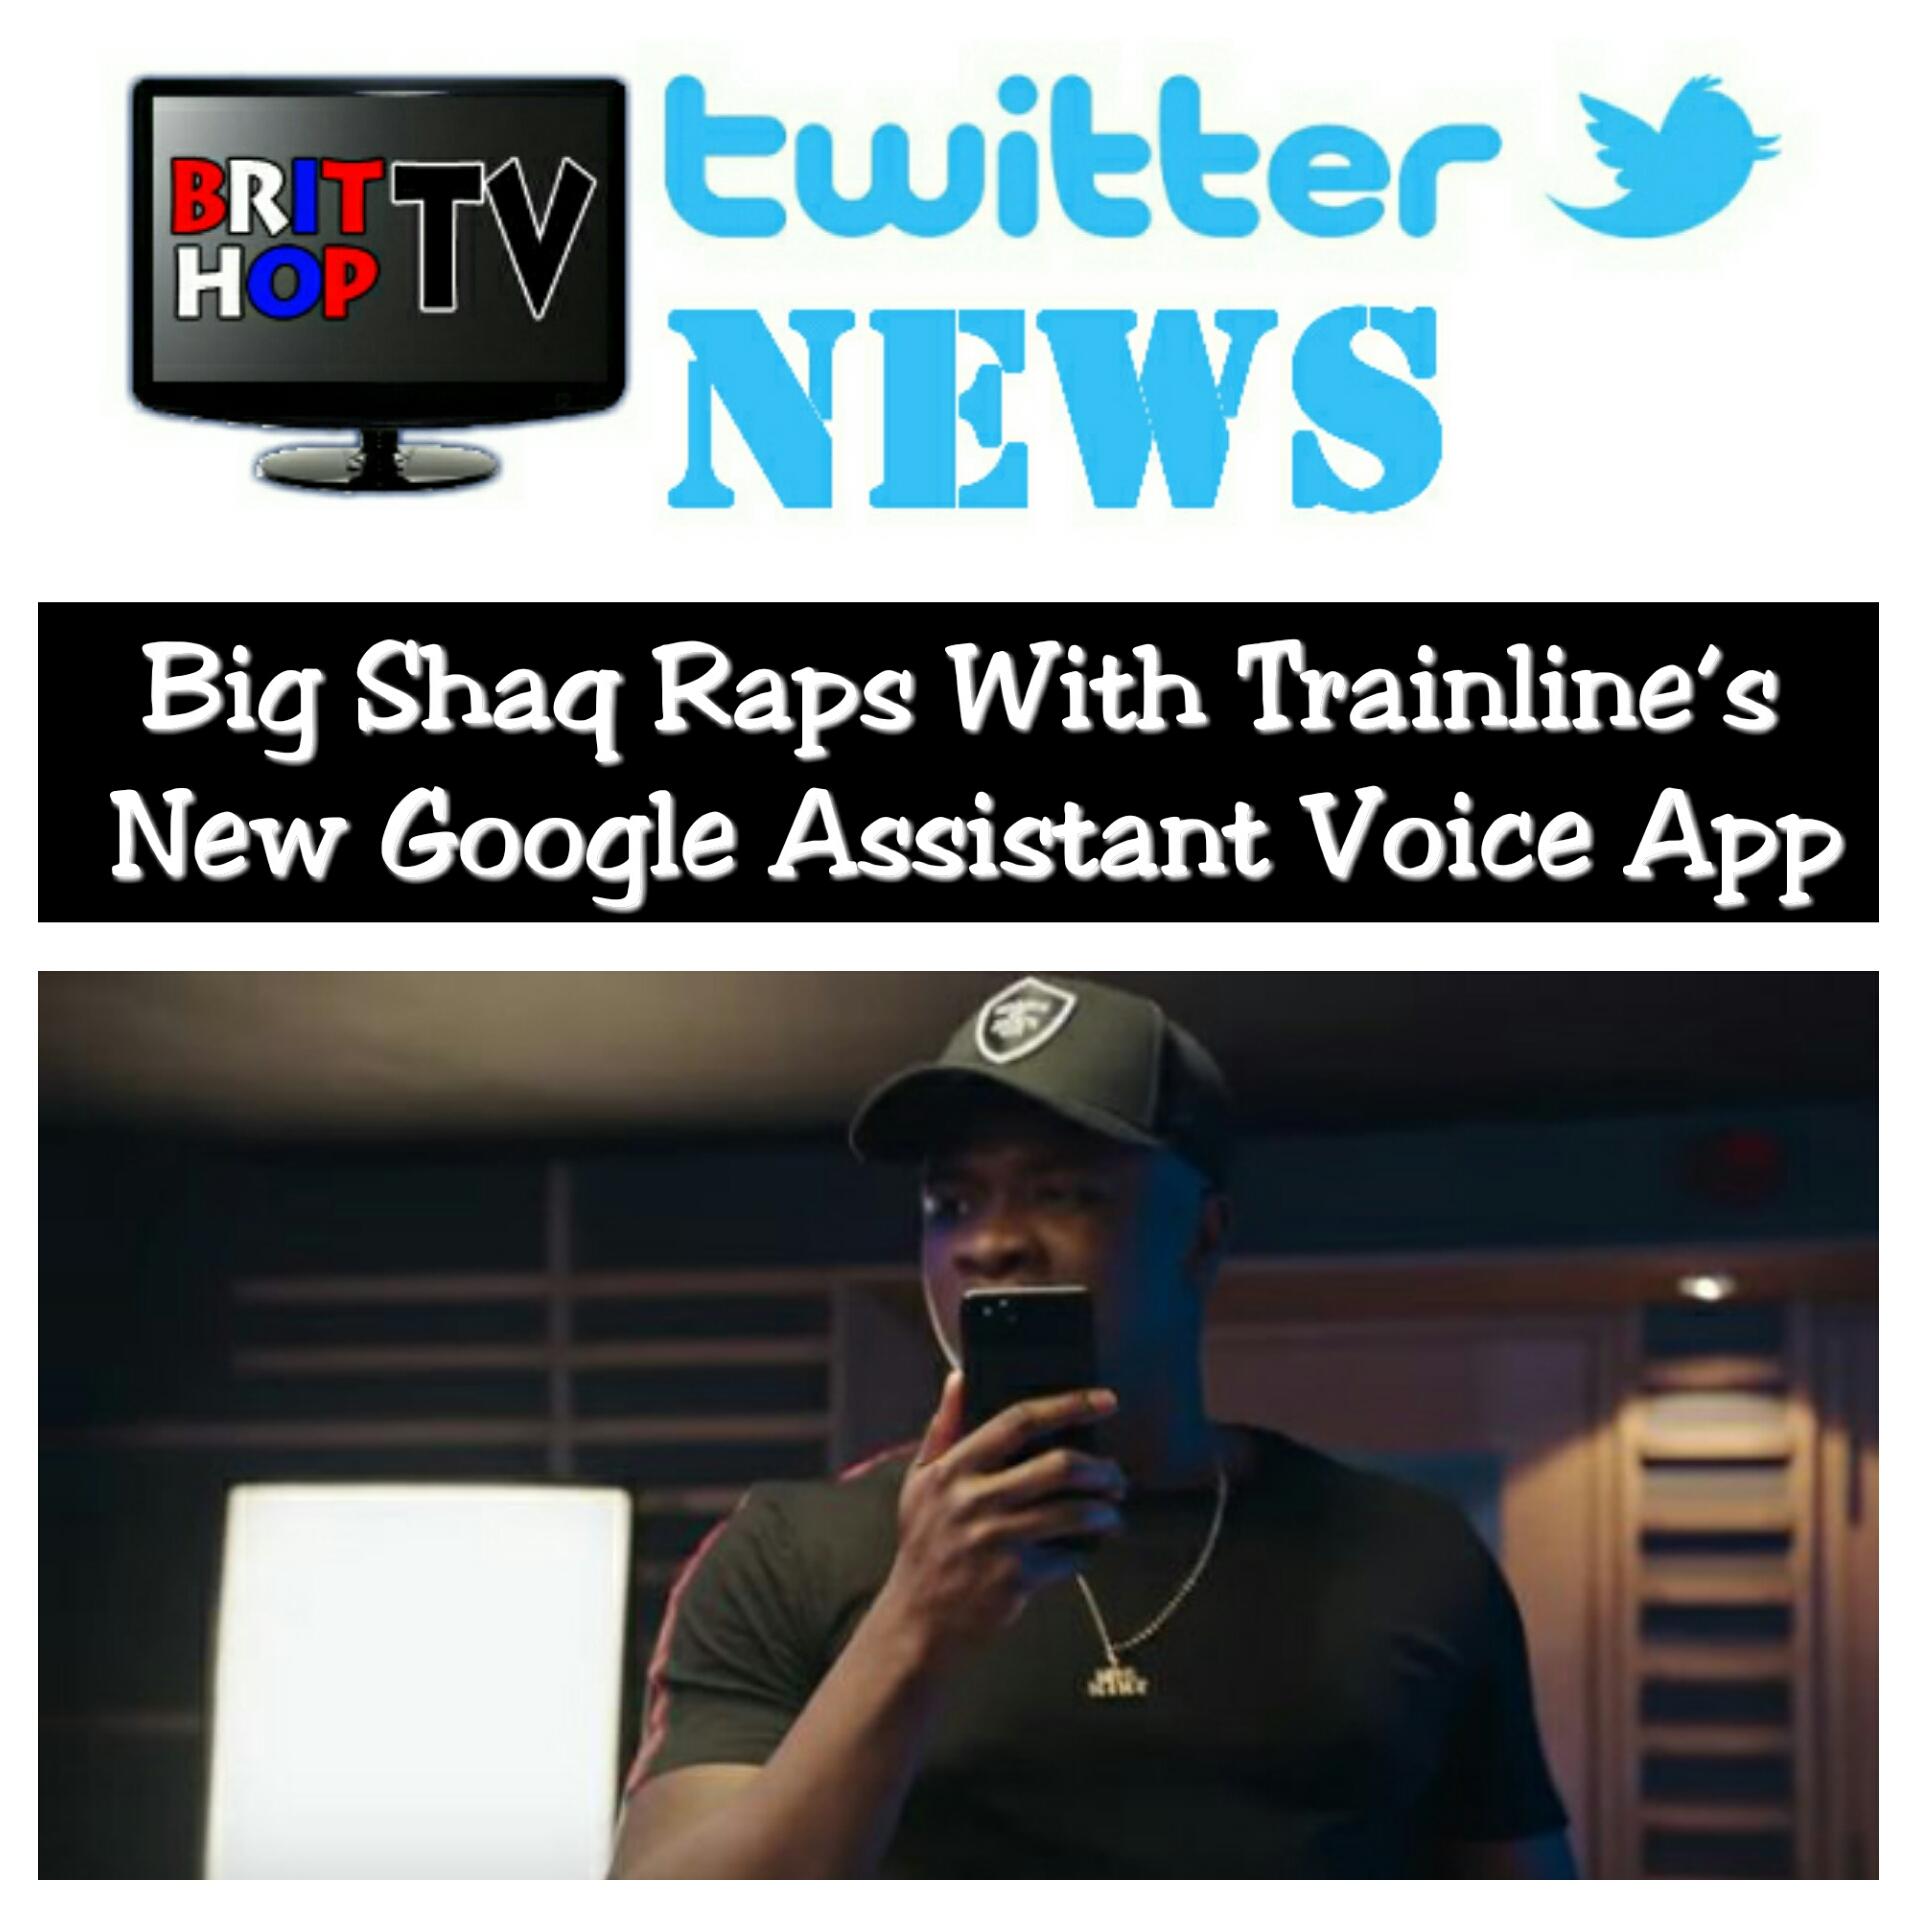 BRITHOPTV: [News] Big Shaq Raps With Trainline's New Google Assistant Voice App | #UkRap #MobileApp #Technology